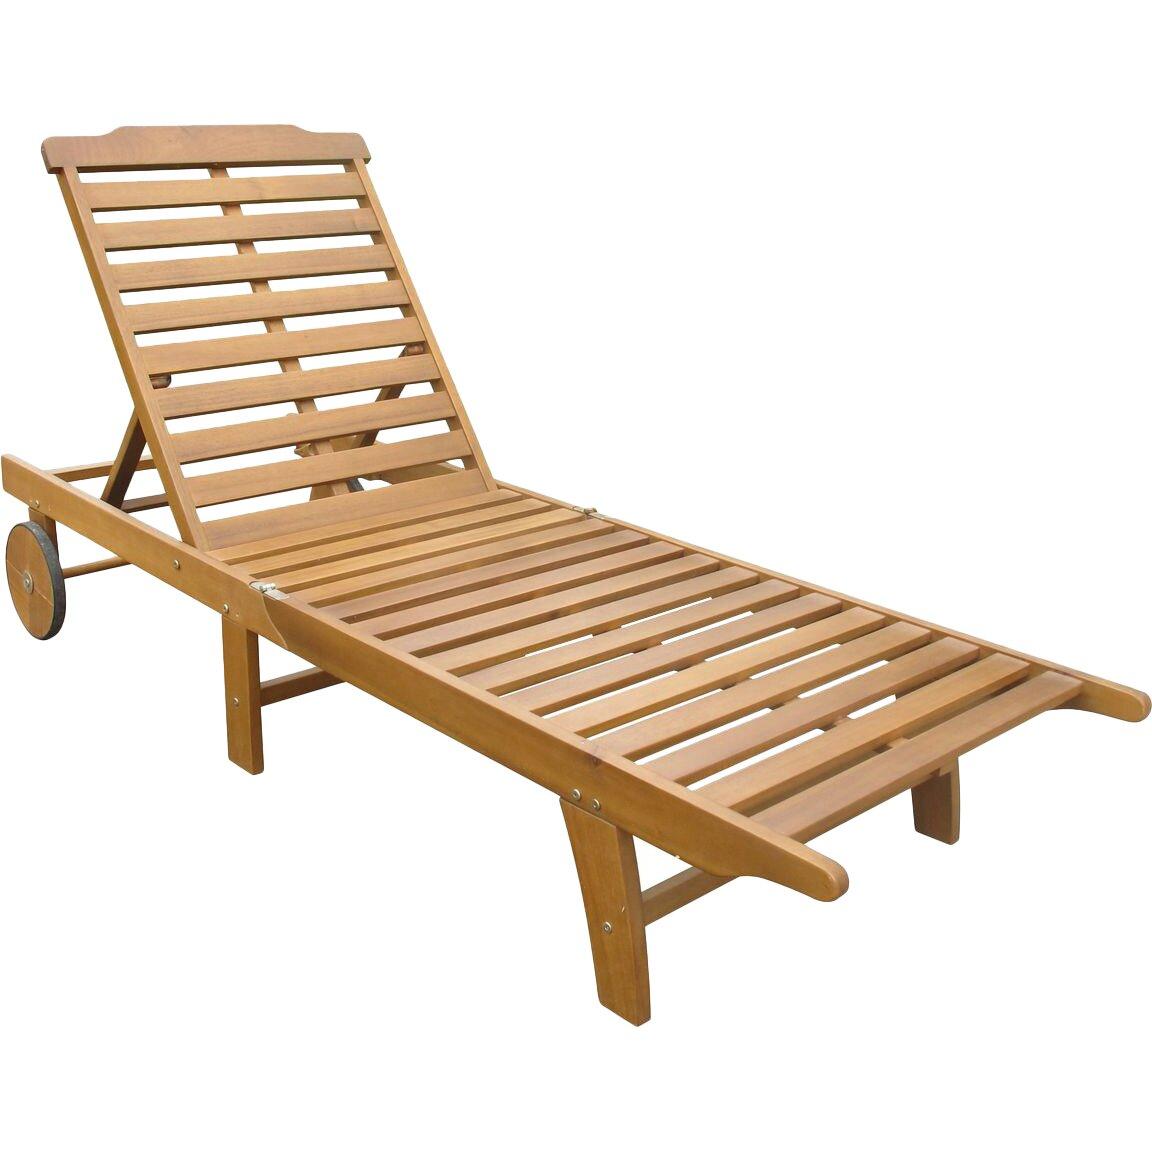 caracella gartenliege palm springs. Black Bedroom Furniture Sets. Home Design Ideas